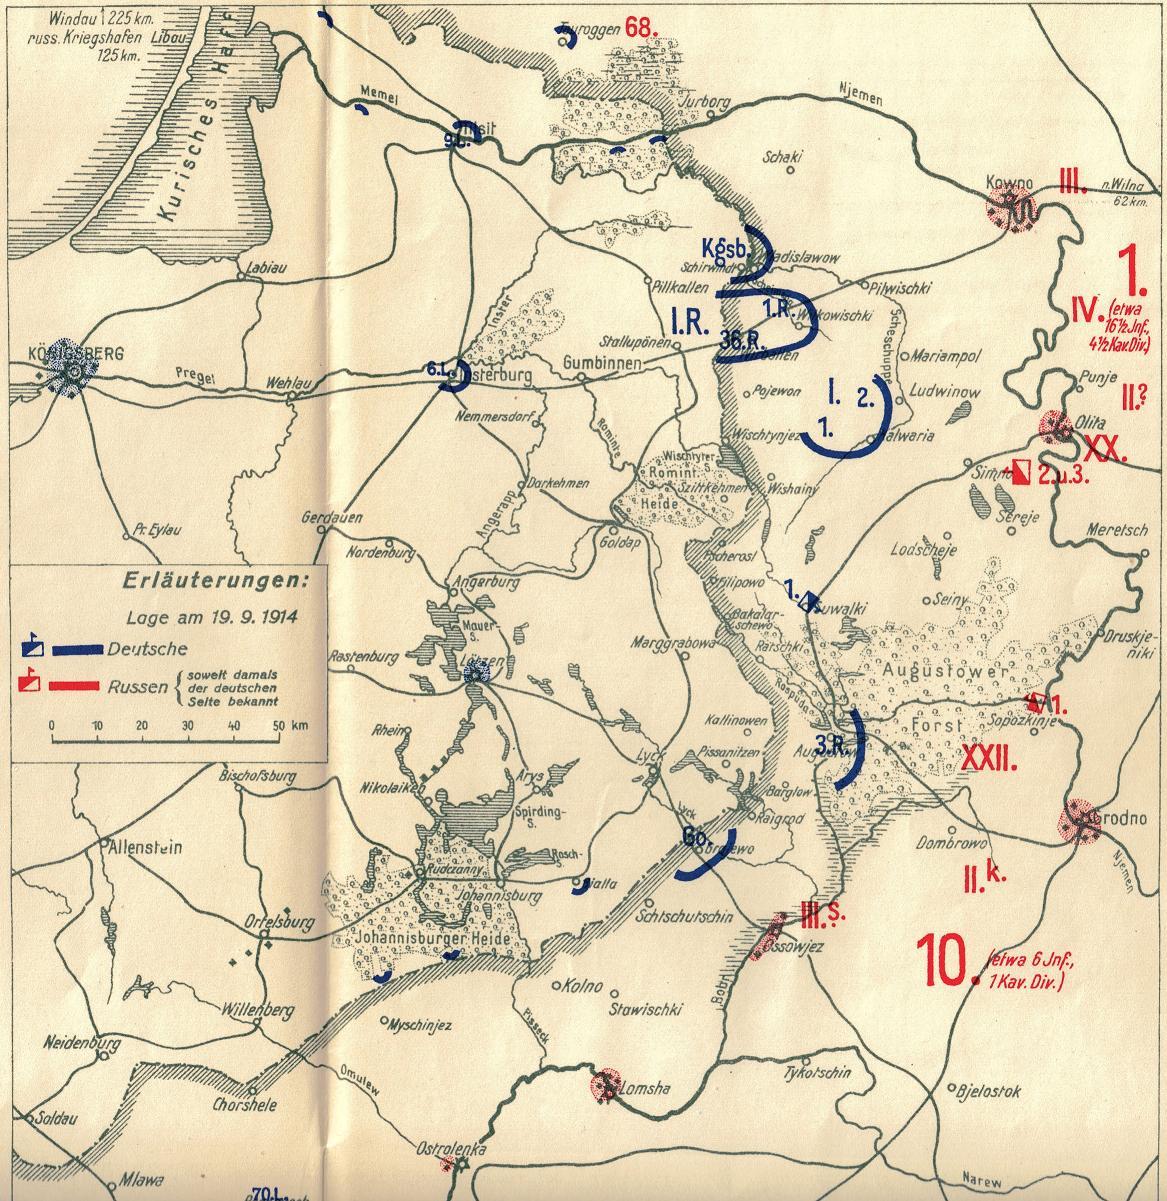 23. september 1914. Landwehr-Division Goltz forbereder angrebet på Ossowjez